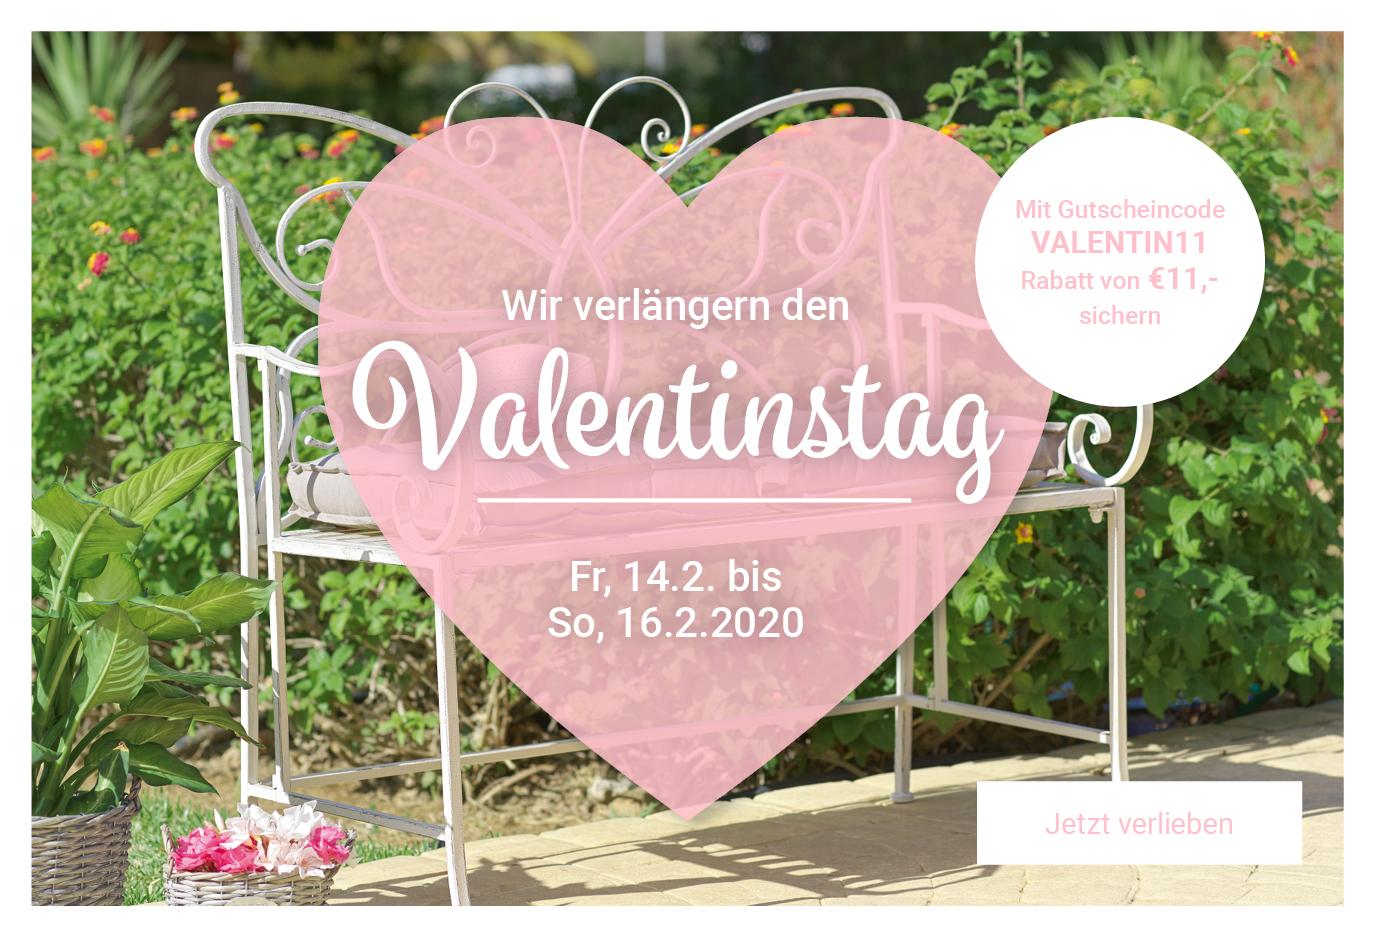 moebelix.at 11€ Valentinstagsrabatt ab 40€ MBW